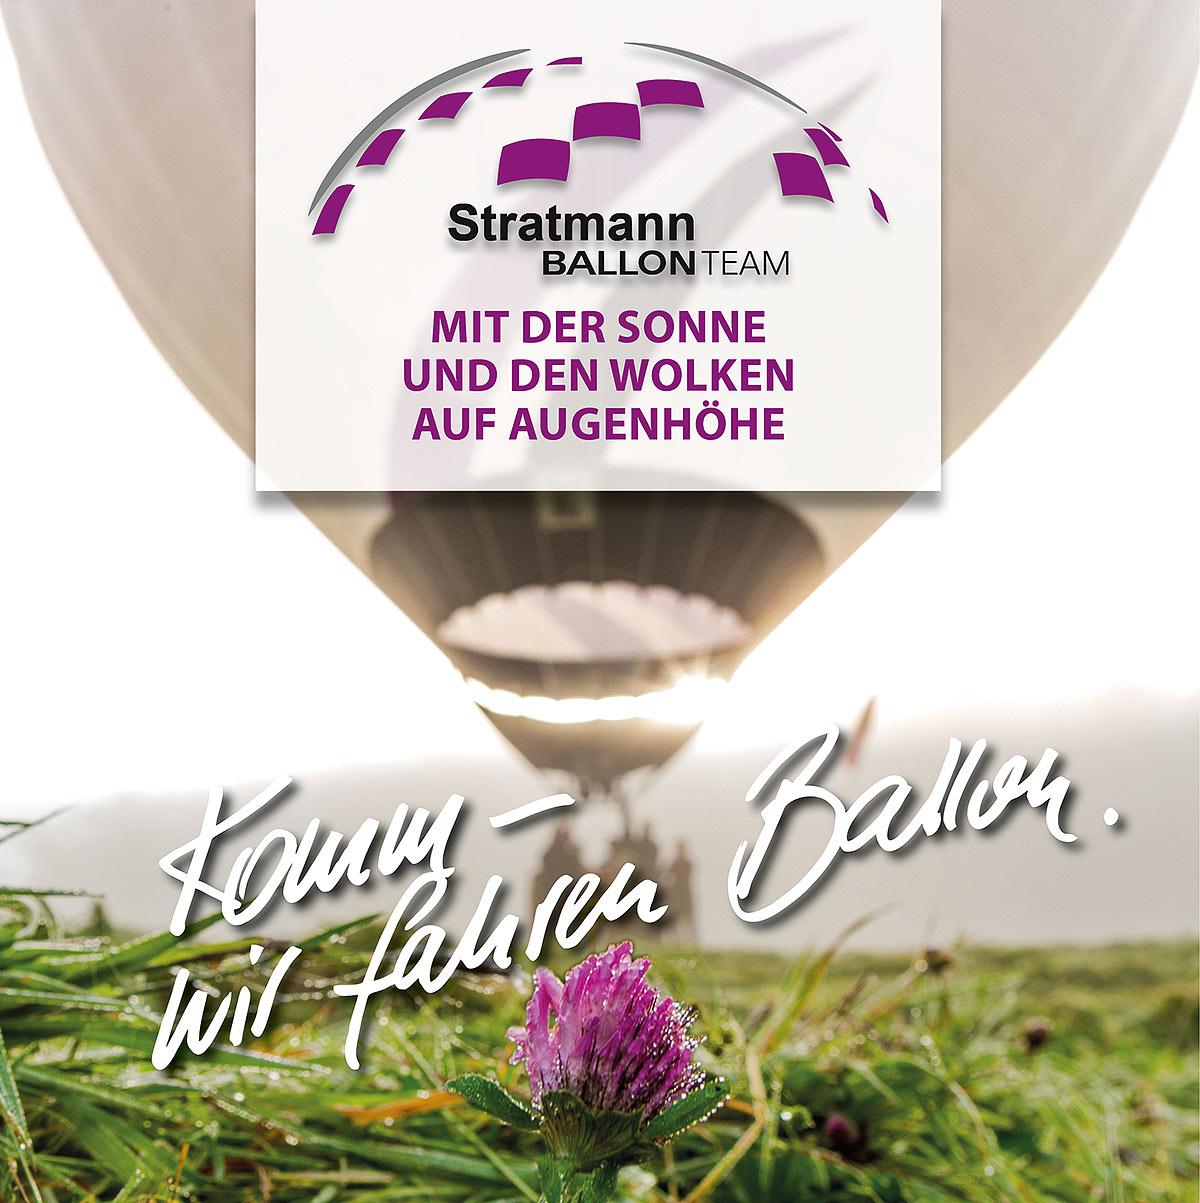 Stratmann Ballonteam Komm wir fahren Ballon im Sauerland, Meschede, Bestwig, Schmallenberg, Winterberg. Ballonfahren mit uns ein besonderes Erlebnis.